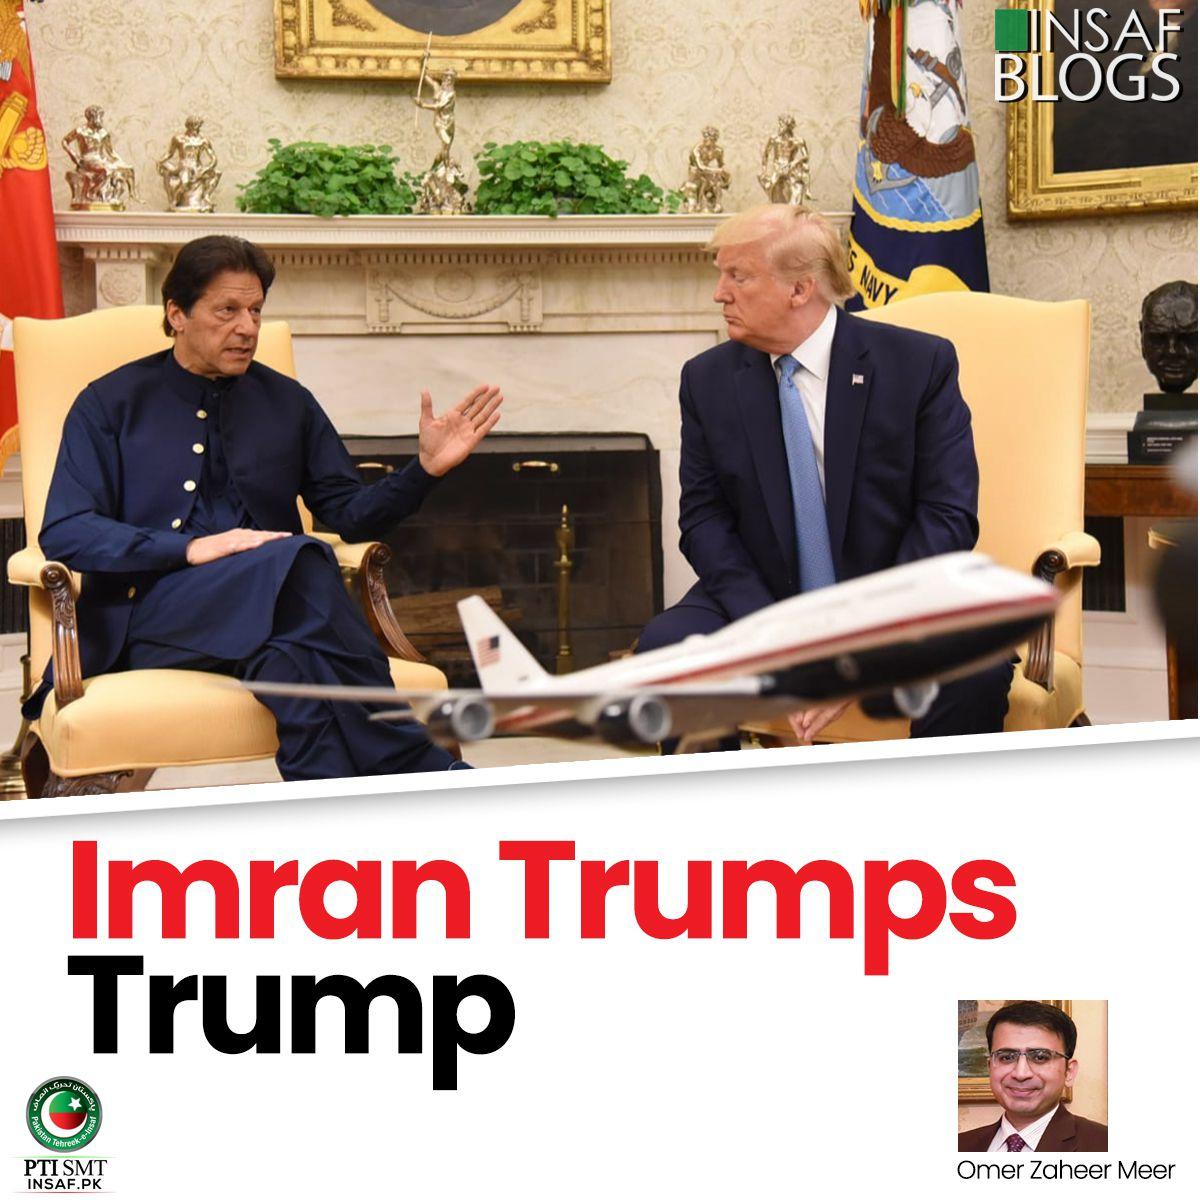 Khan Trumps Trump Insaf Blog